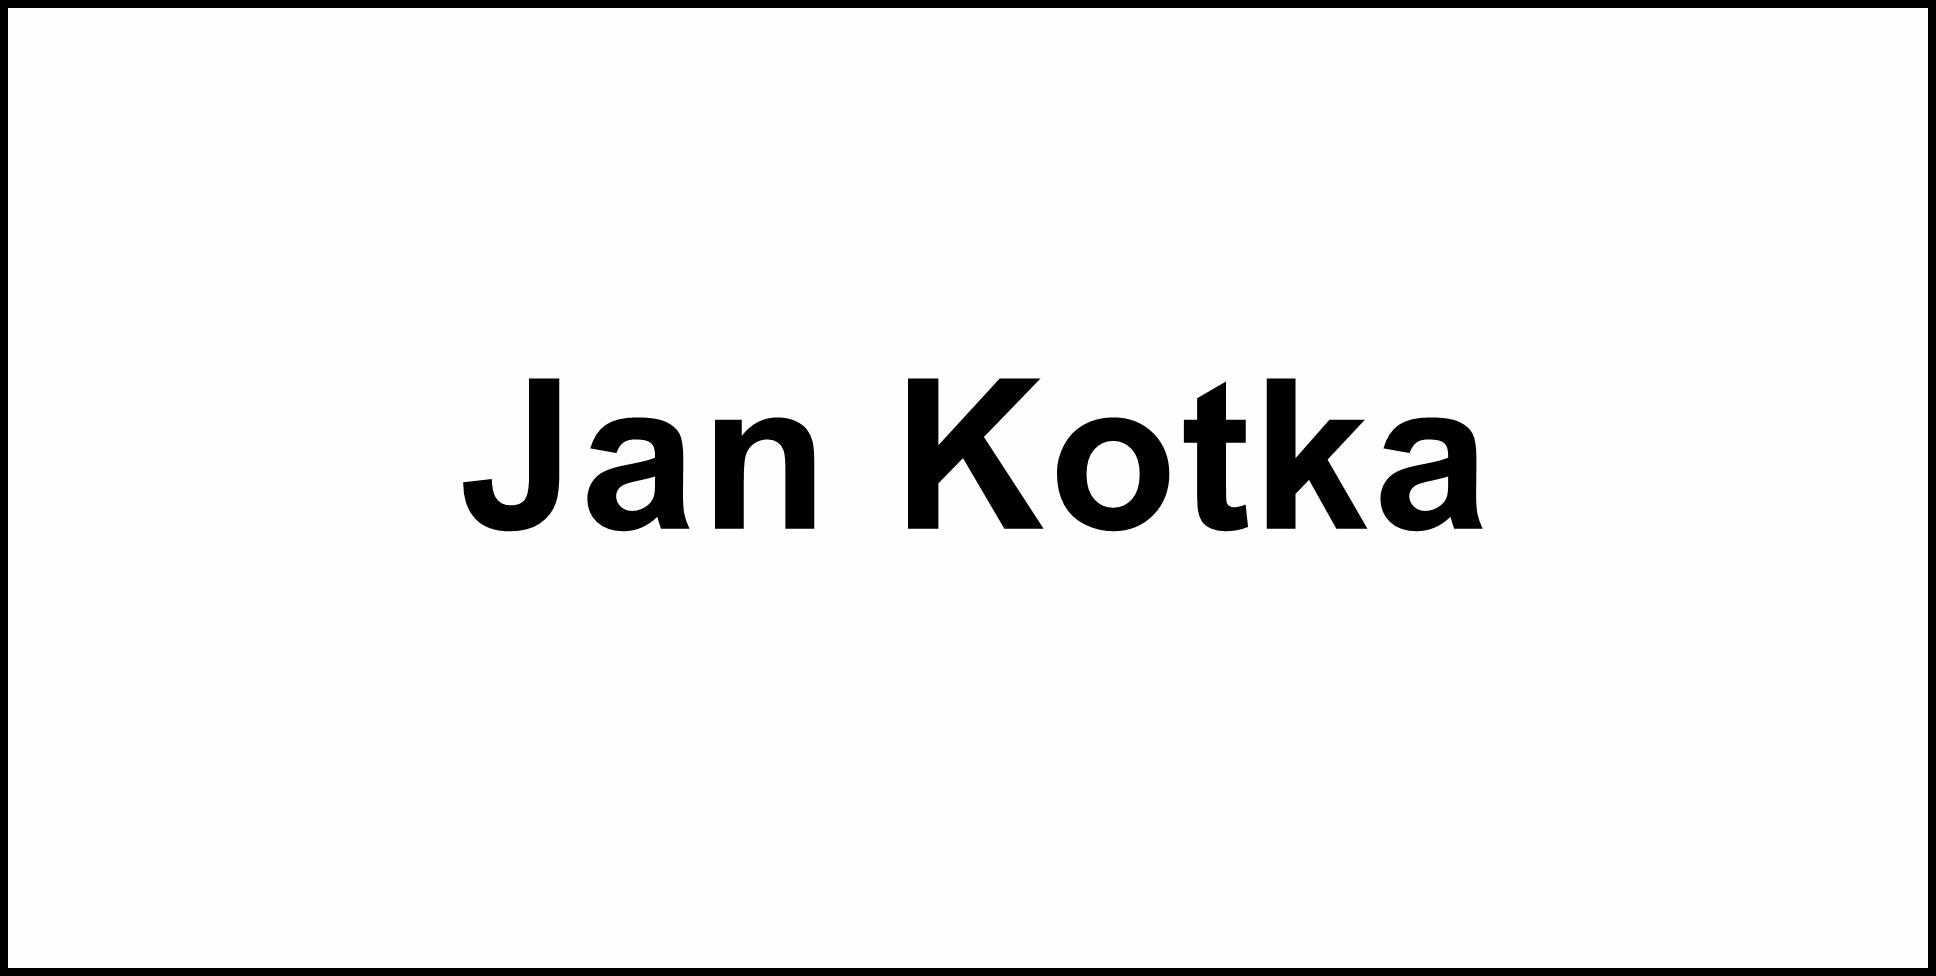 Jan Kotka